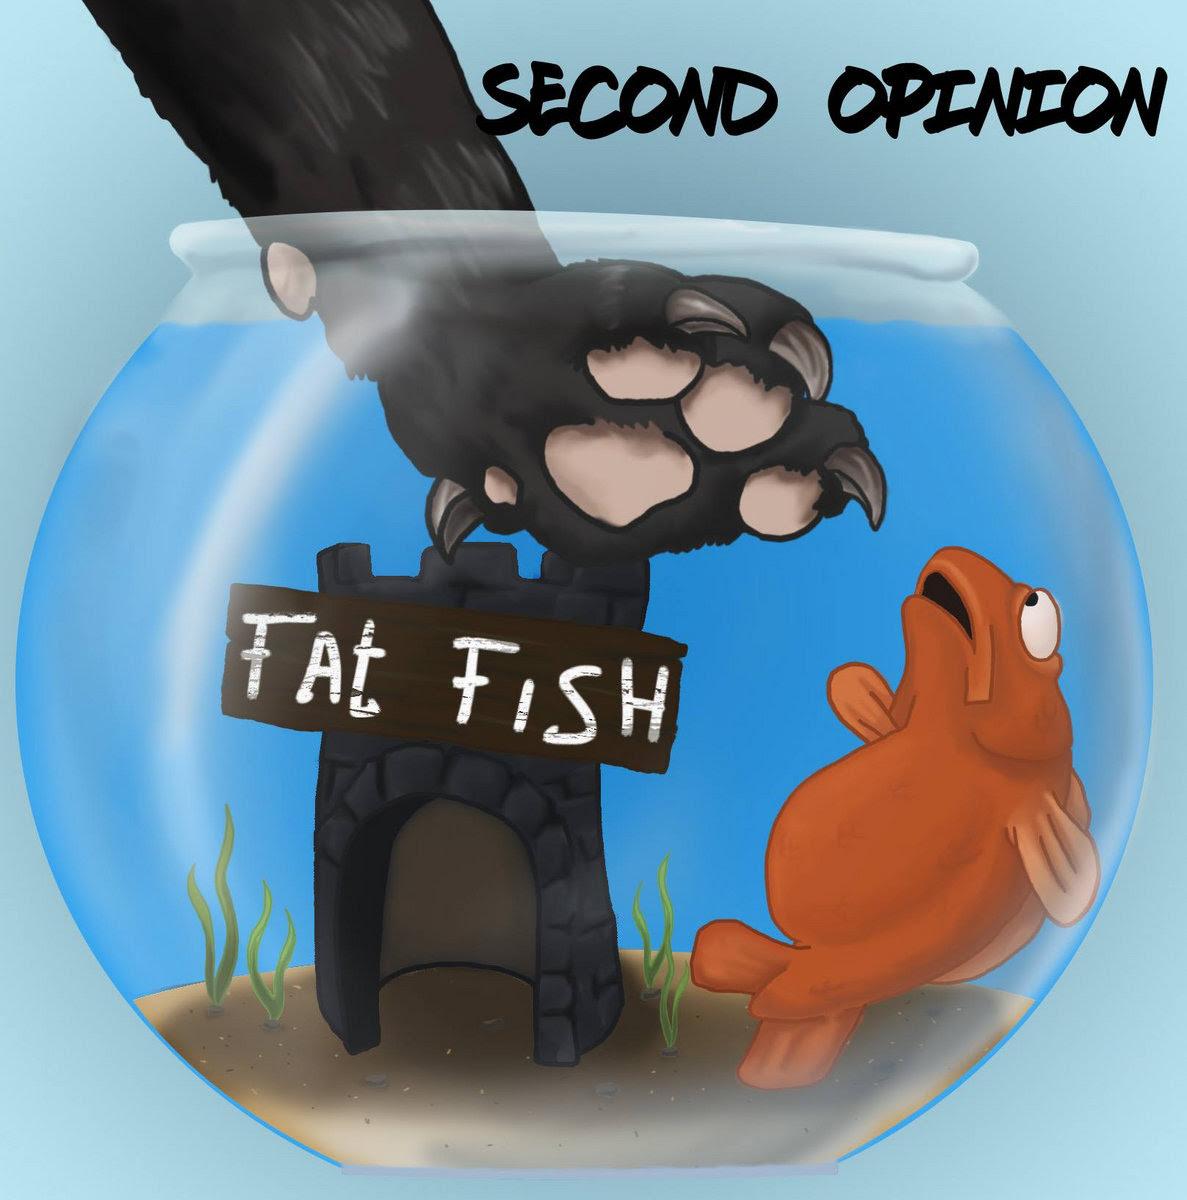 www.facebook.com/secondopinionband